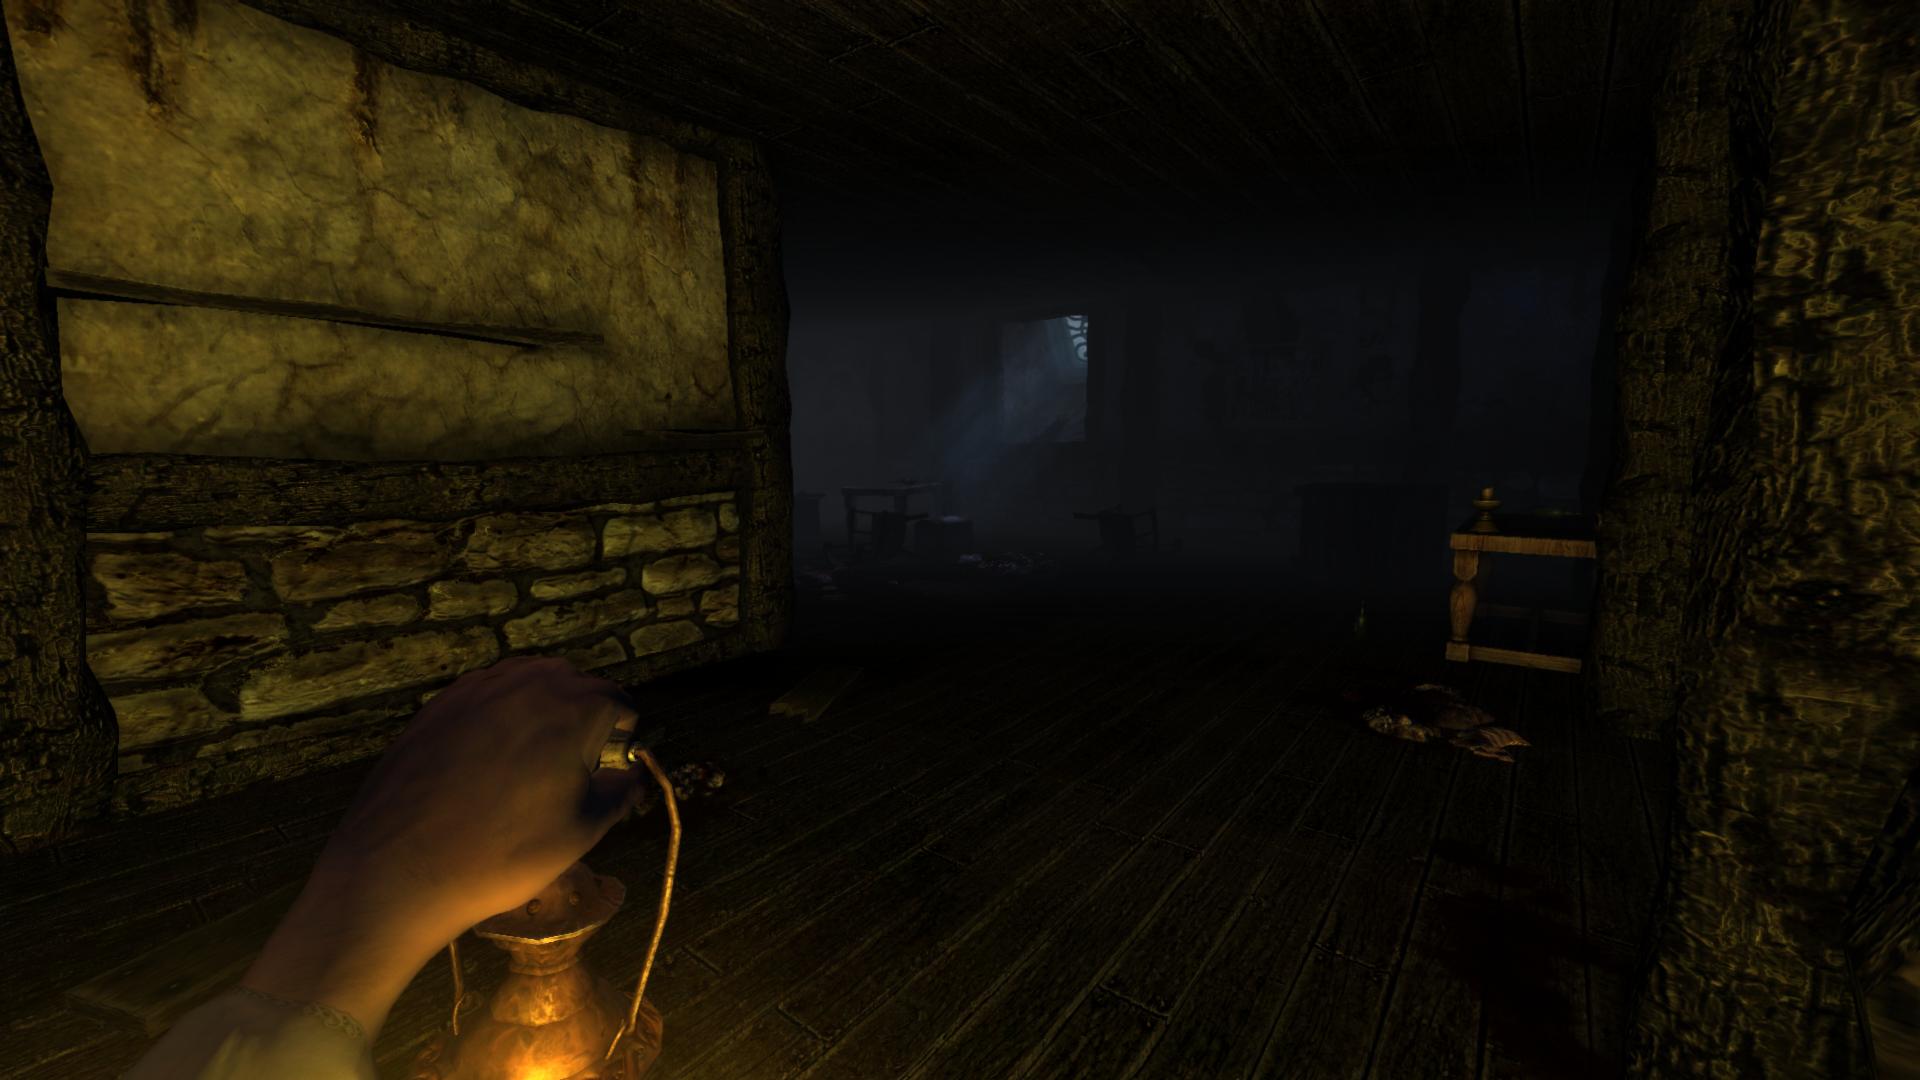 Самые лучшие хоррор игры - Amnesia: The Dark Descent